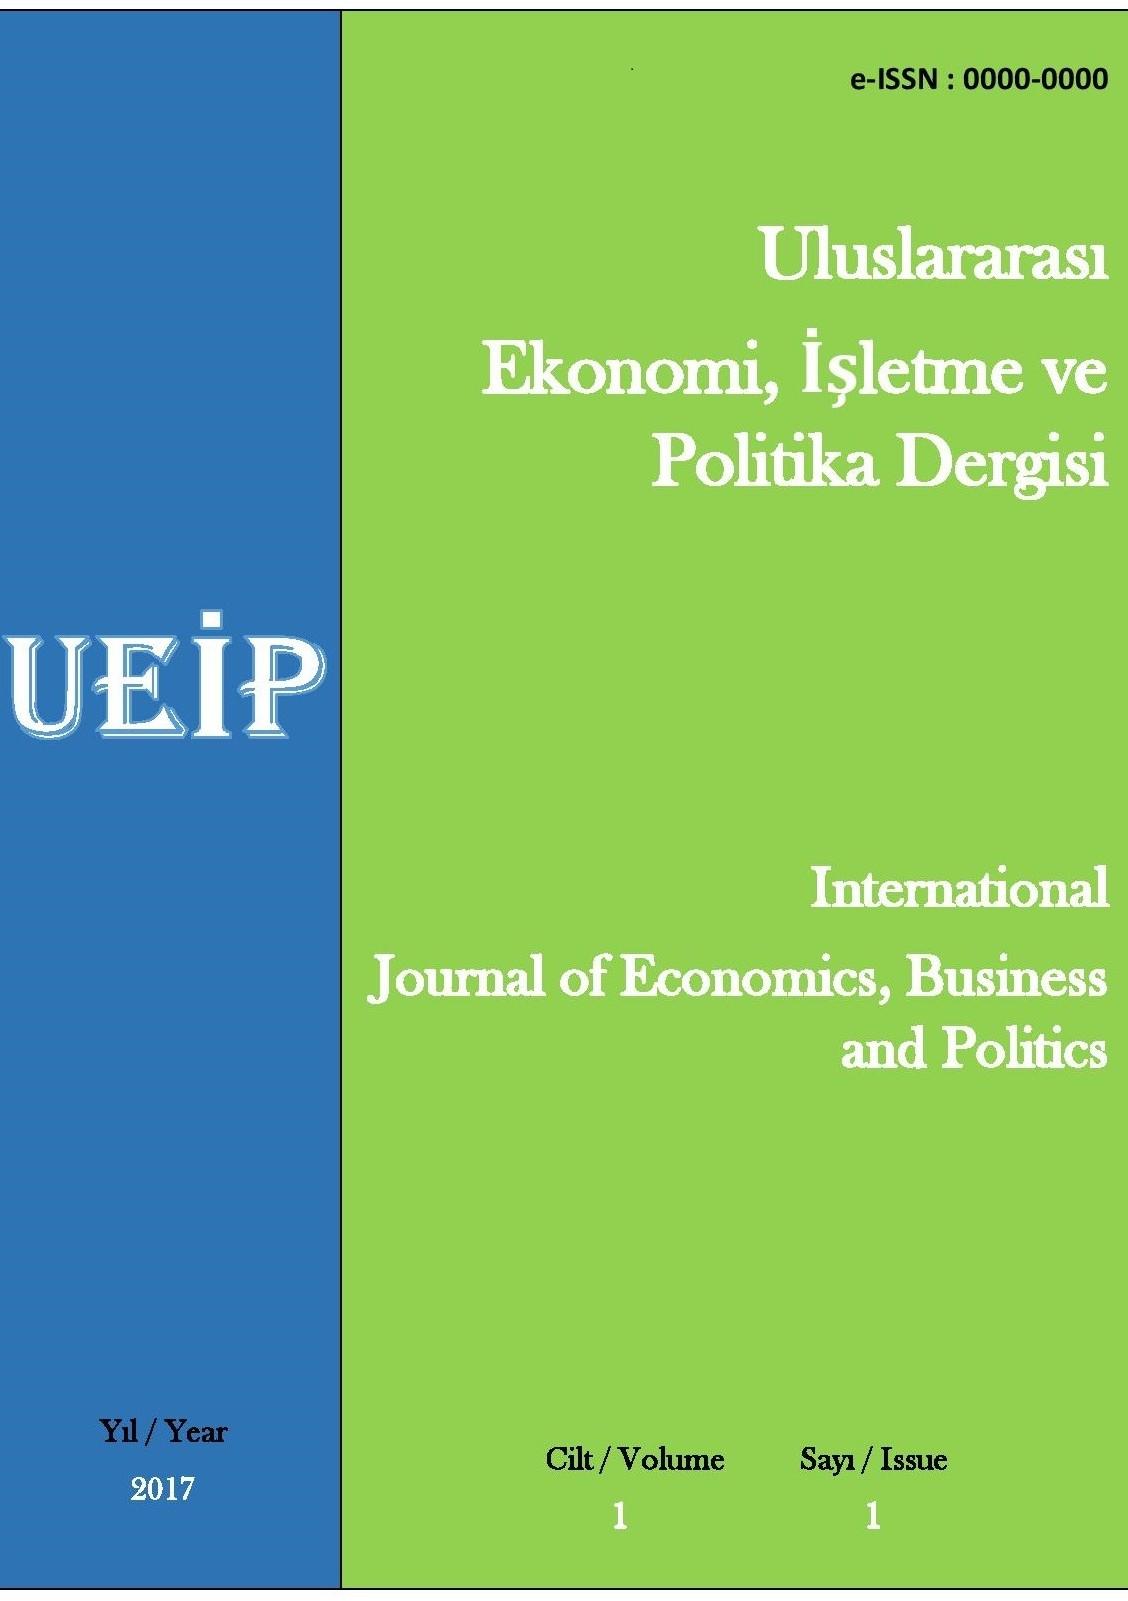 Uluslararası Ekonomi, İşletme ve Politika Dergisi